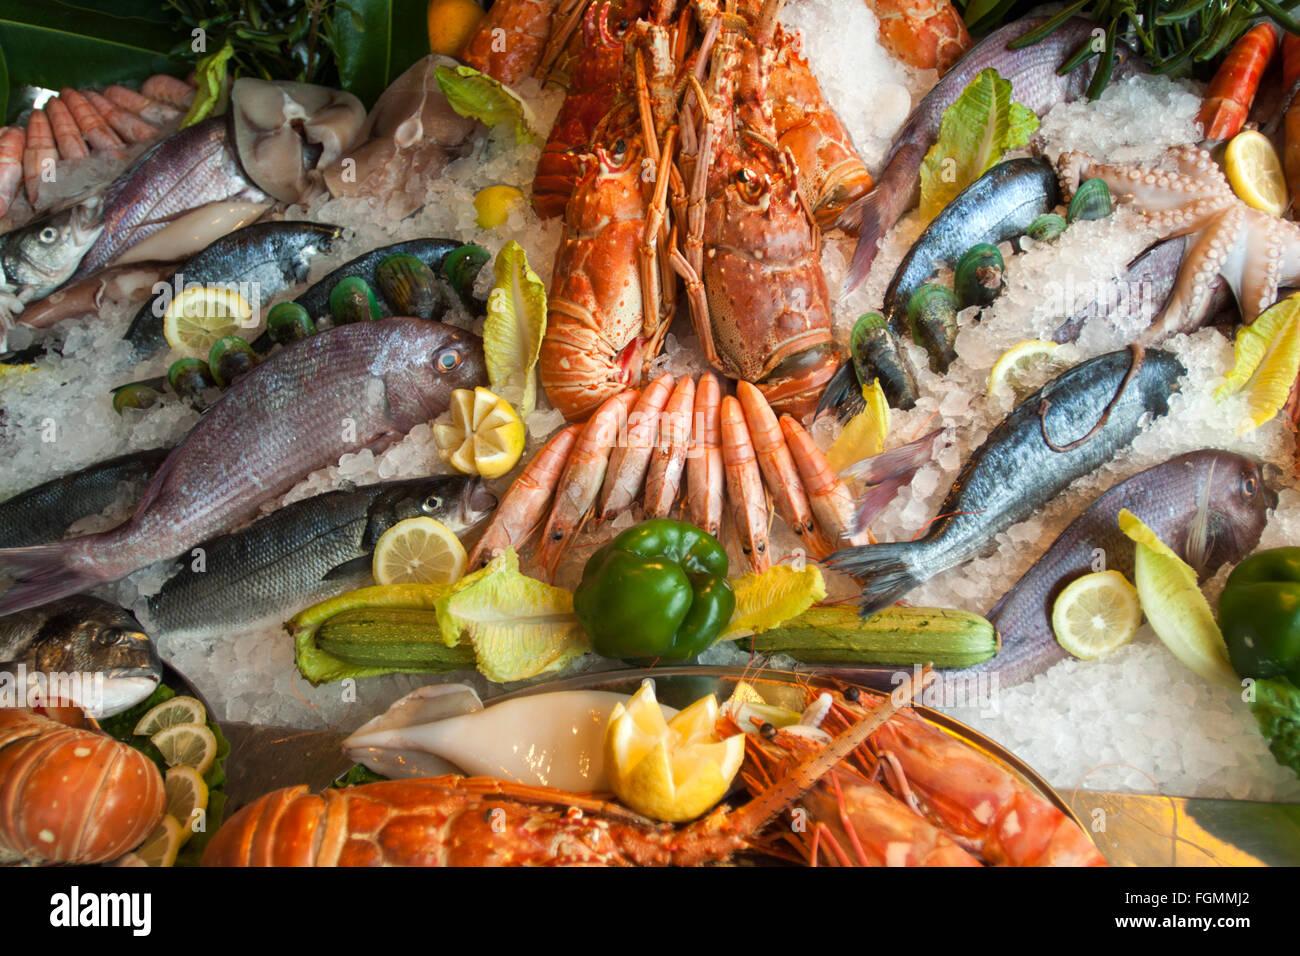 Griechenland, Kreta, Rethymnon, die Restaurants und Tavernen am venezianischen Hafen bieten Fisch und Meeresfrüchte - Stock Image